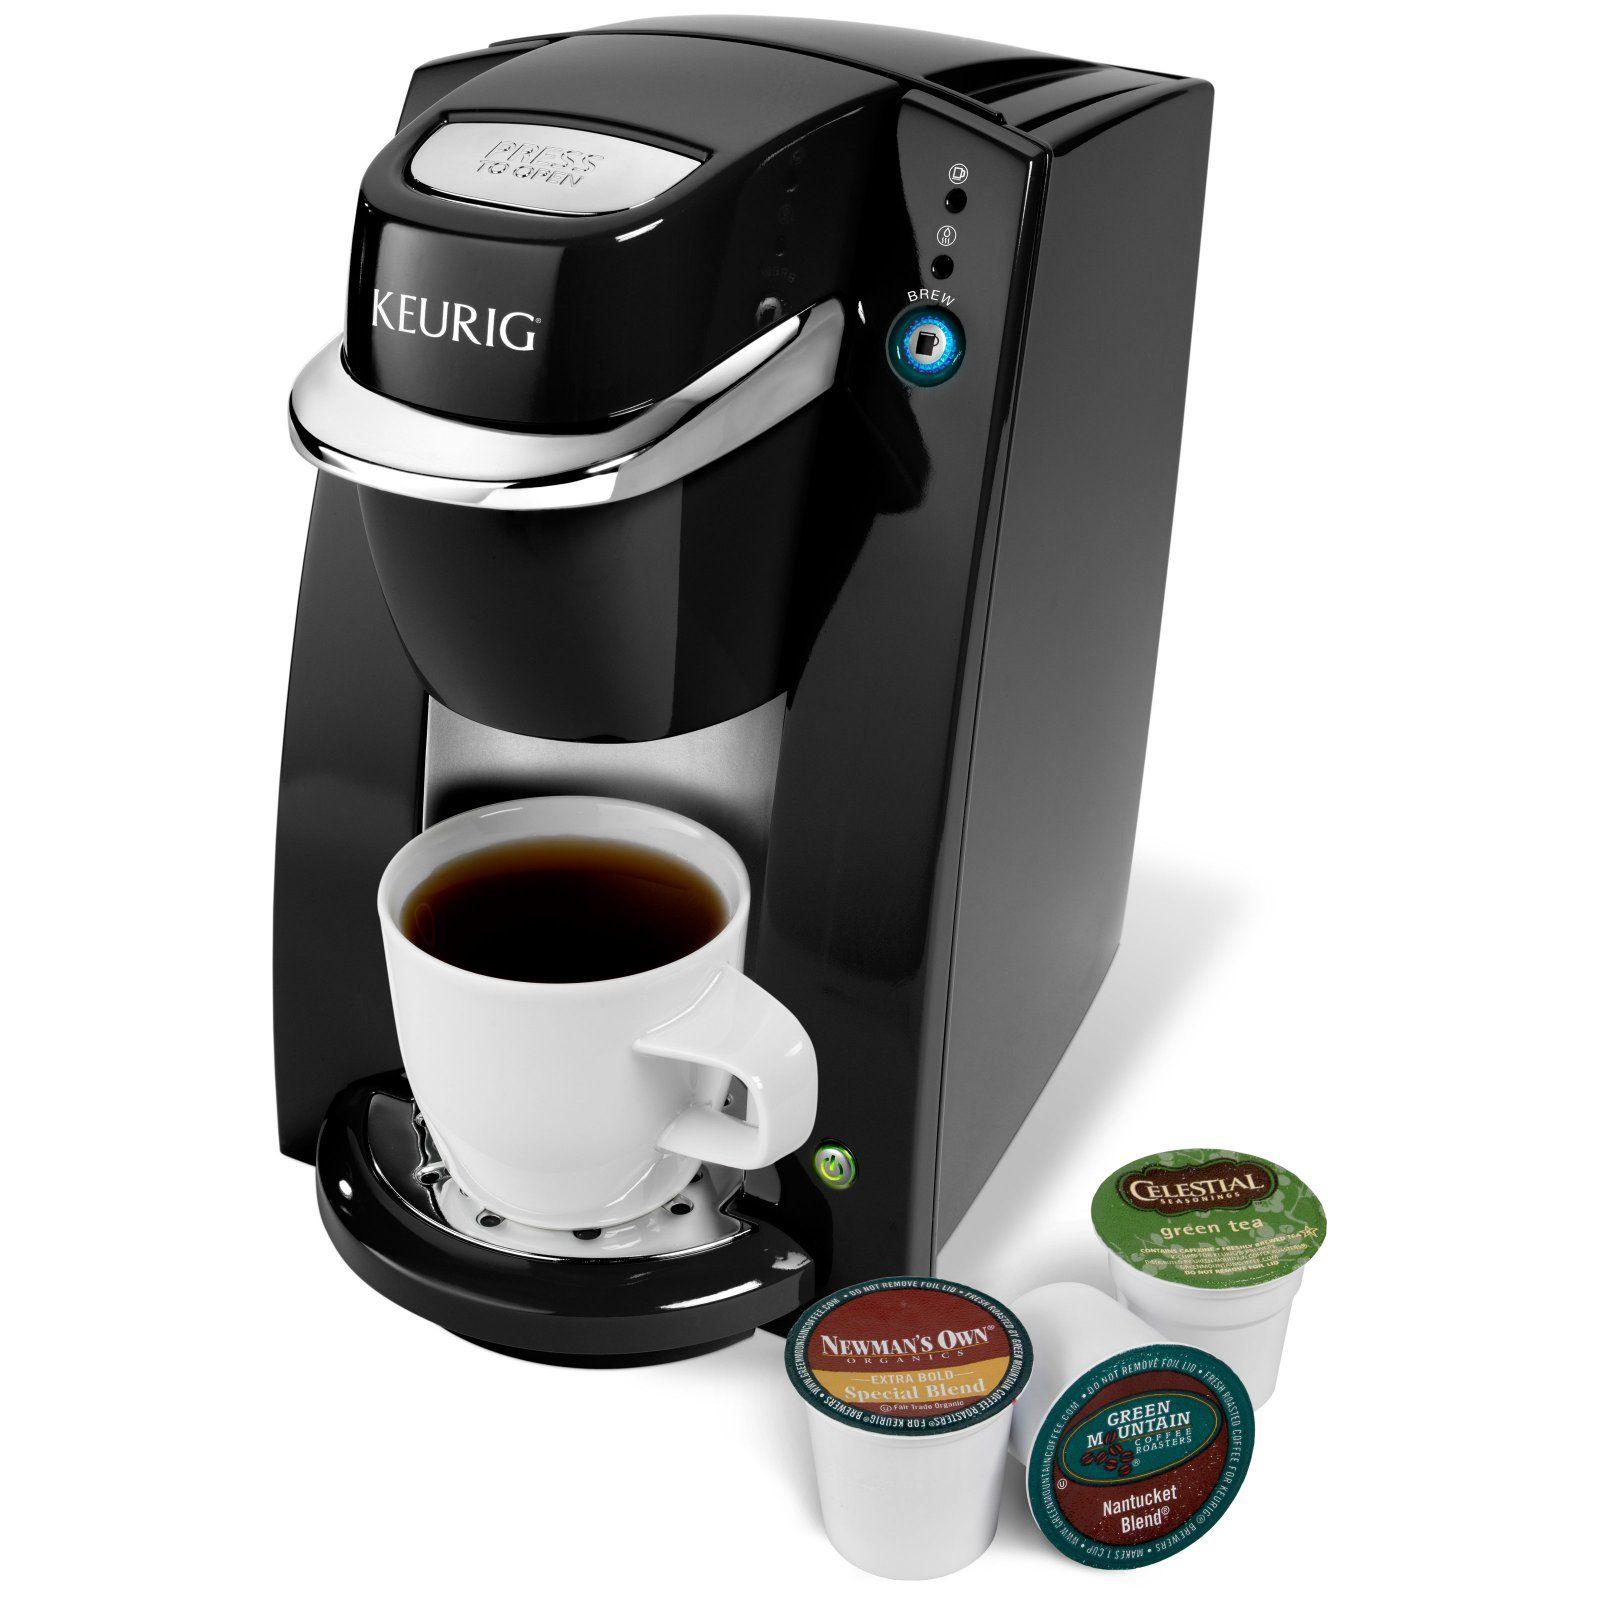 For Coffee, Hot Tea, Iced Tea, Hot Chocolate & Spiced